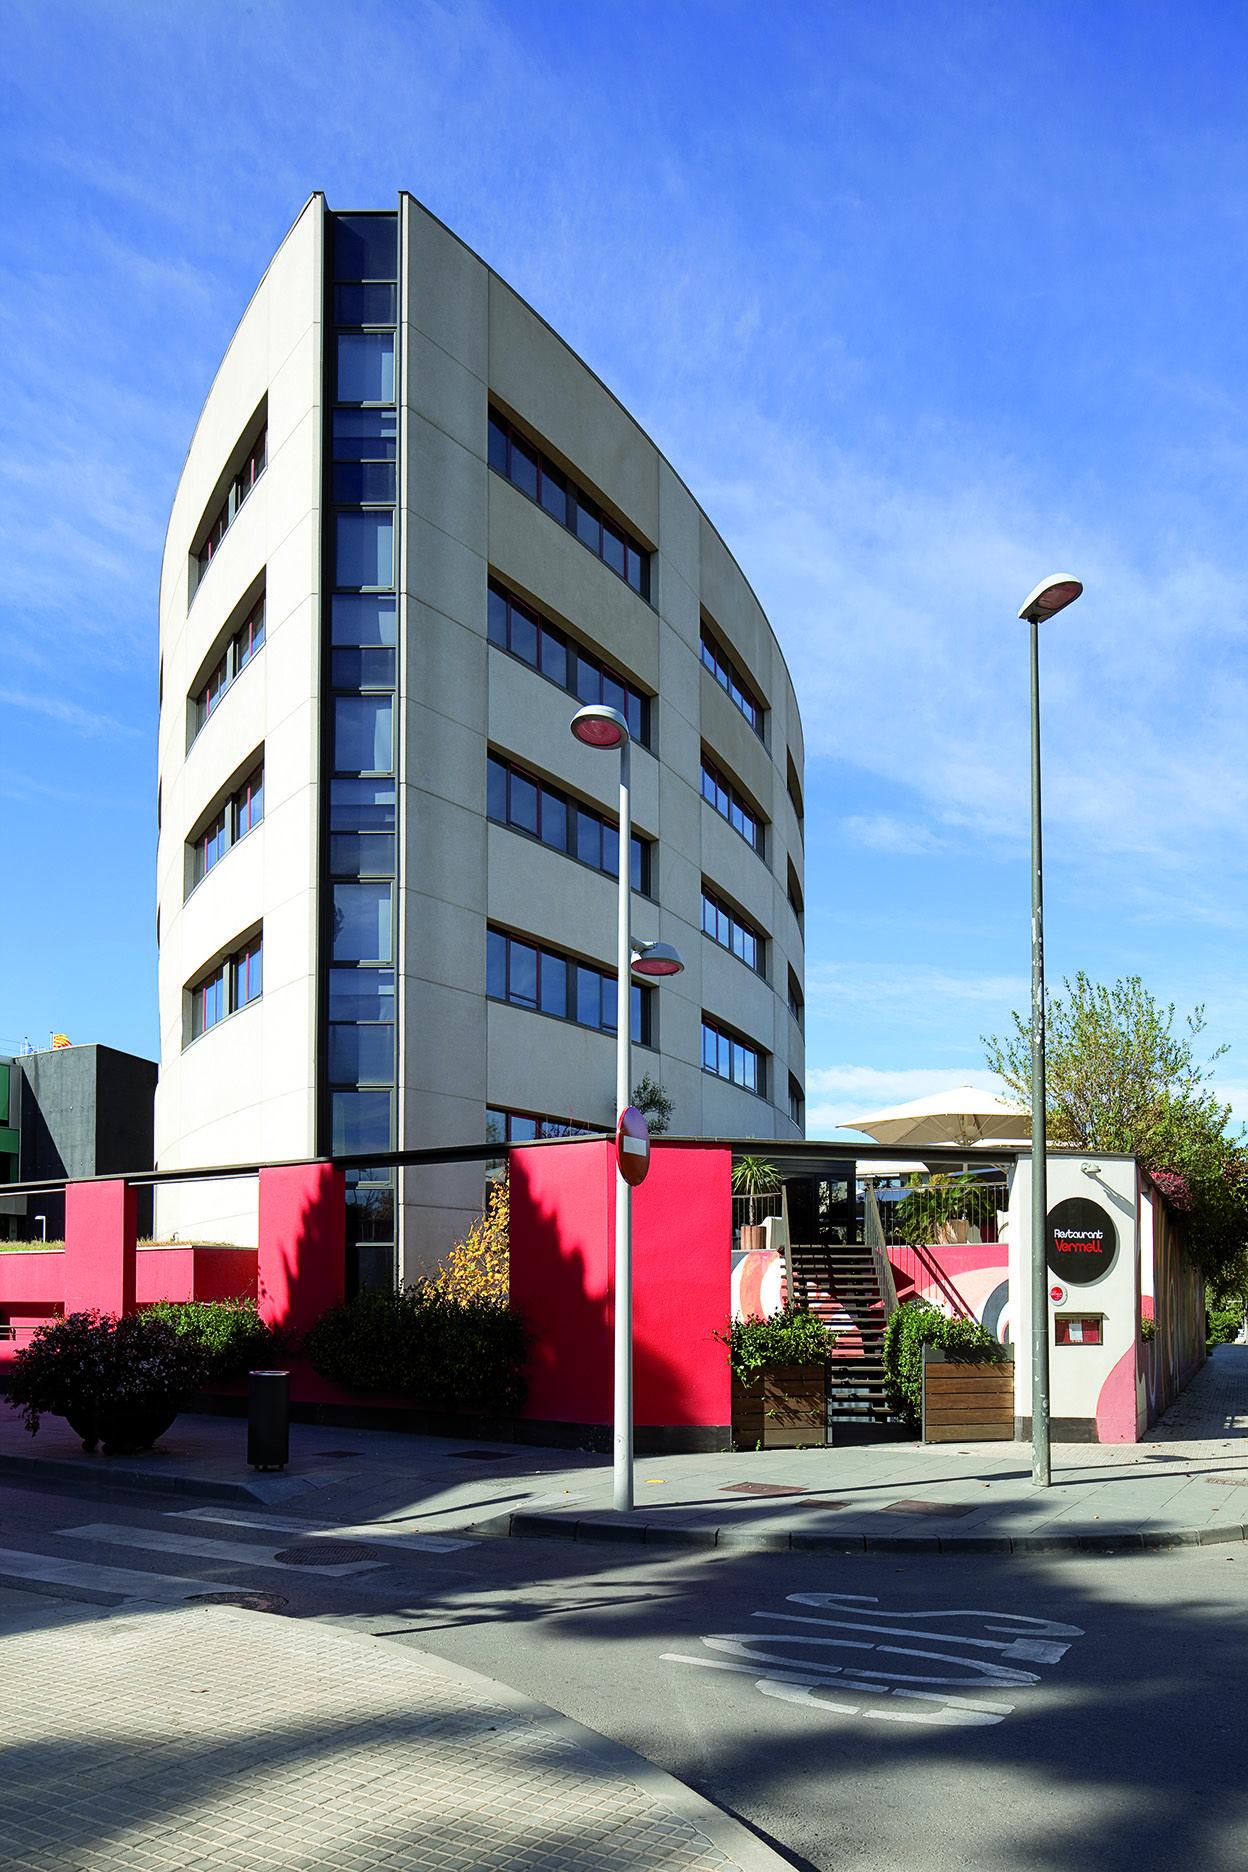 A 15 Km. de Barcelona, el #hotel está situado en pleno centro de la ciudad, entre las calles Cèsar Martinell y Rambla del Celler. Al lado del Ayuntamiento, entre el Auditorio y el Monasterio.